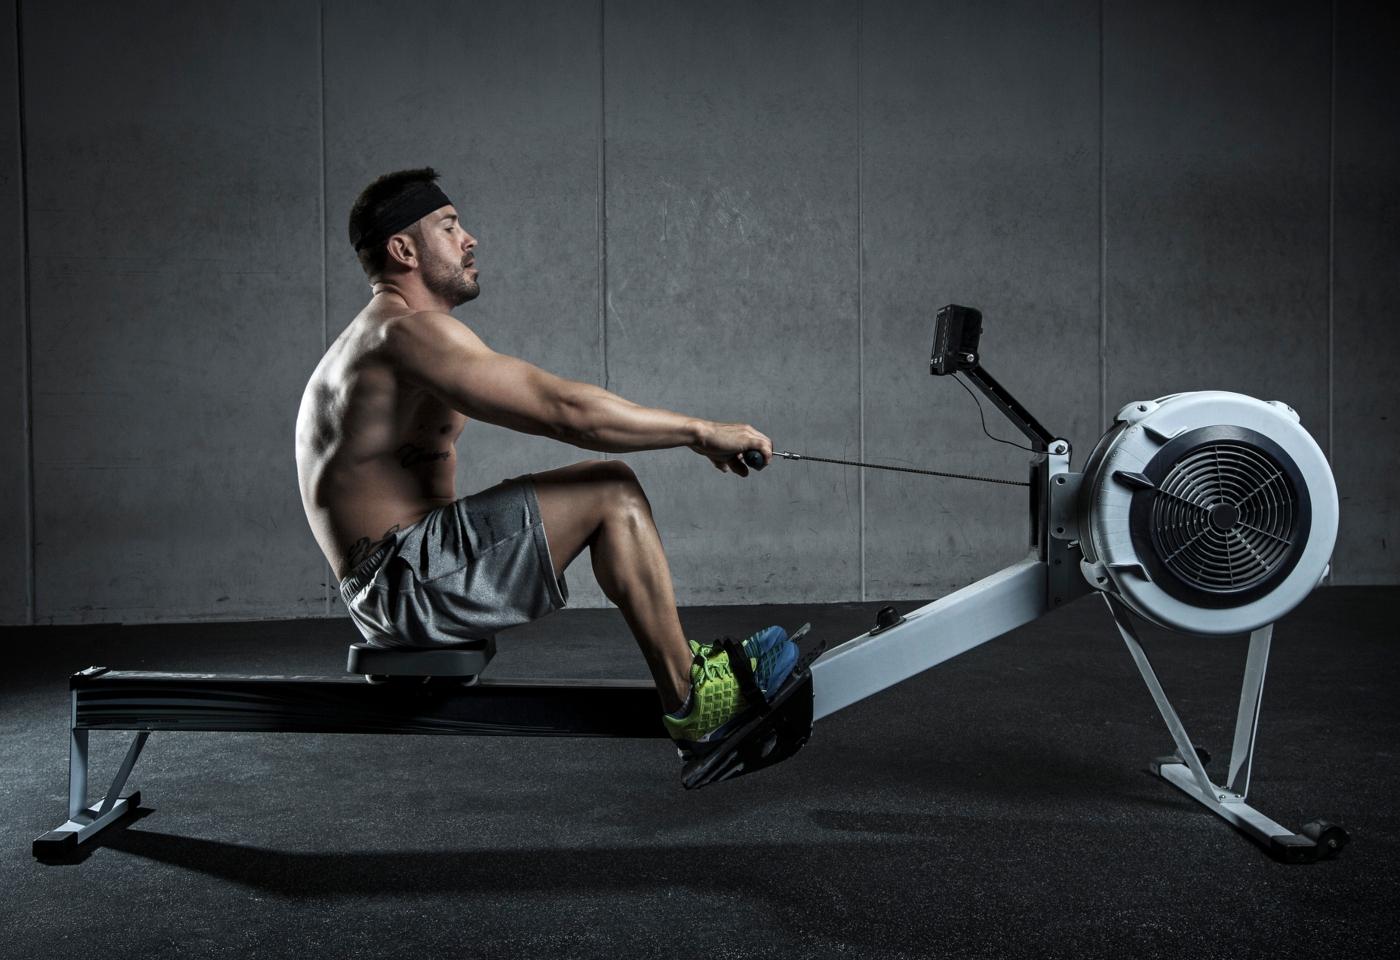 Homem a fazer exercício de Rowning em aula de Crossfit